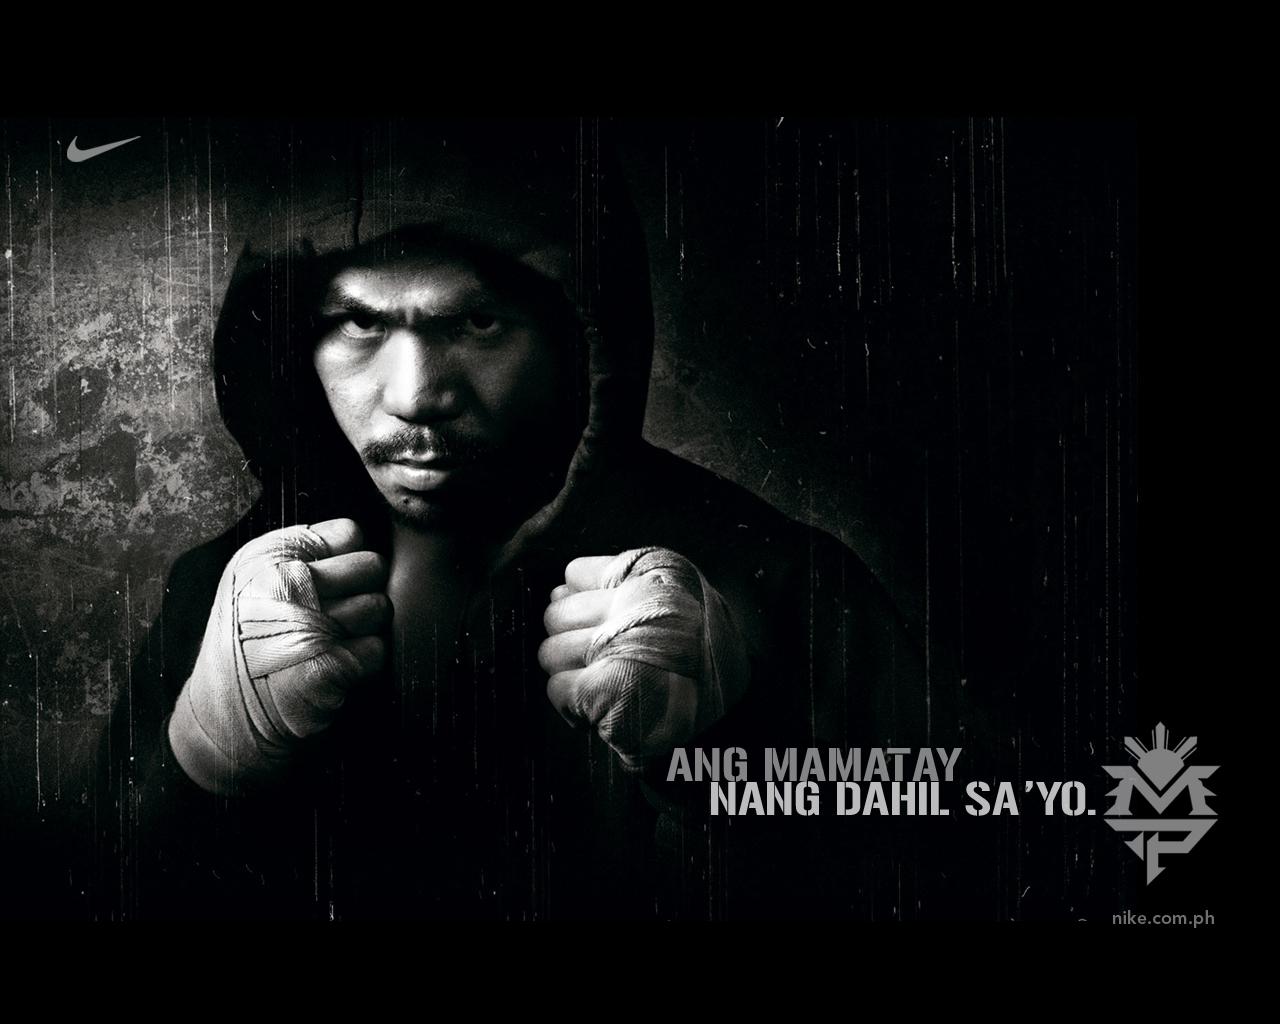 http://2.bp.blogspot.com/-6-boOm2s97o/TmS9FwI6A7I/AAAAAAAAAdA/LEOlL-2MfkQ/s1600/Boxing-Wallpapers-2.jpg